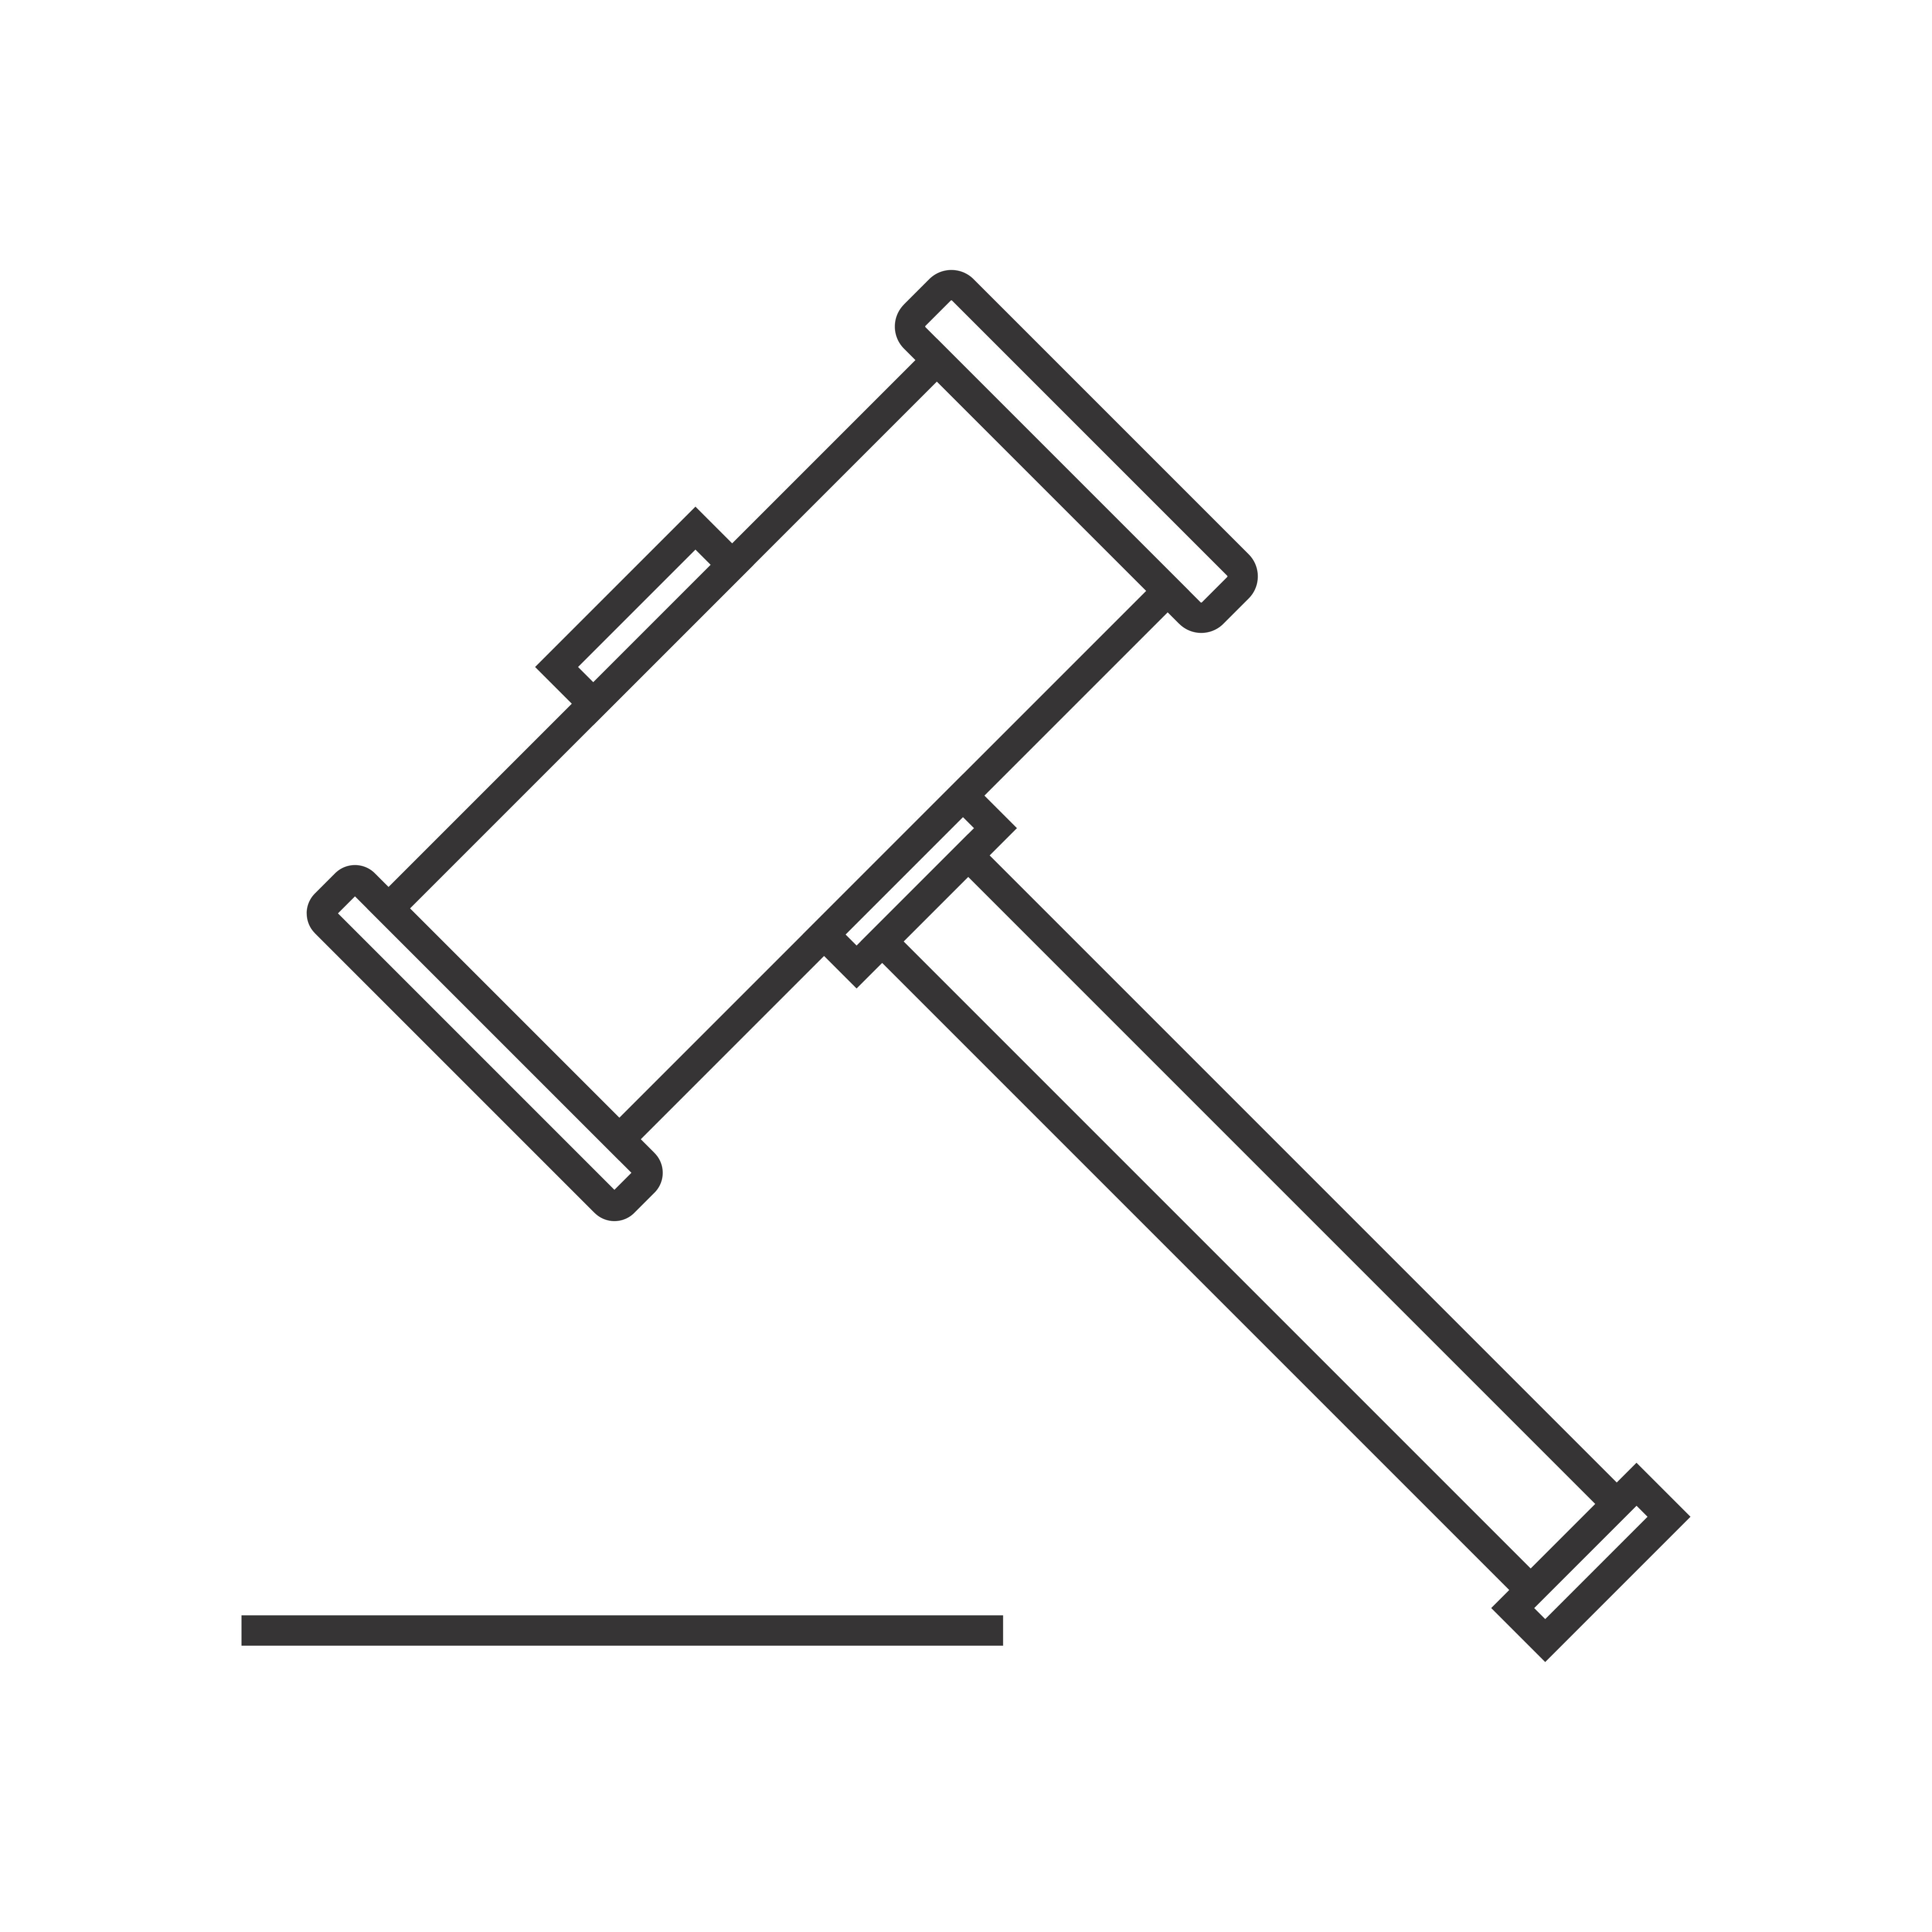 Vector Illustration Hammer: Wooden Hammer Line Black Icon